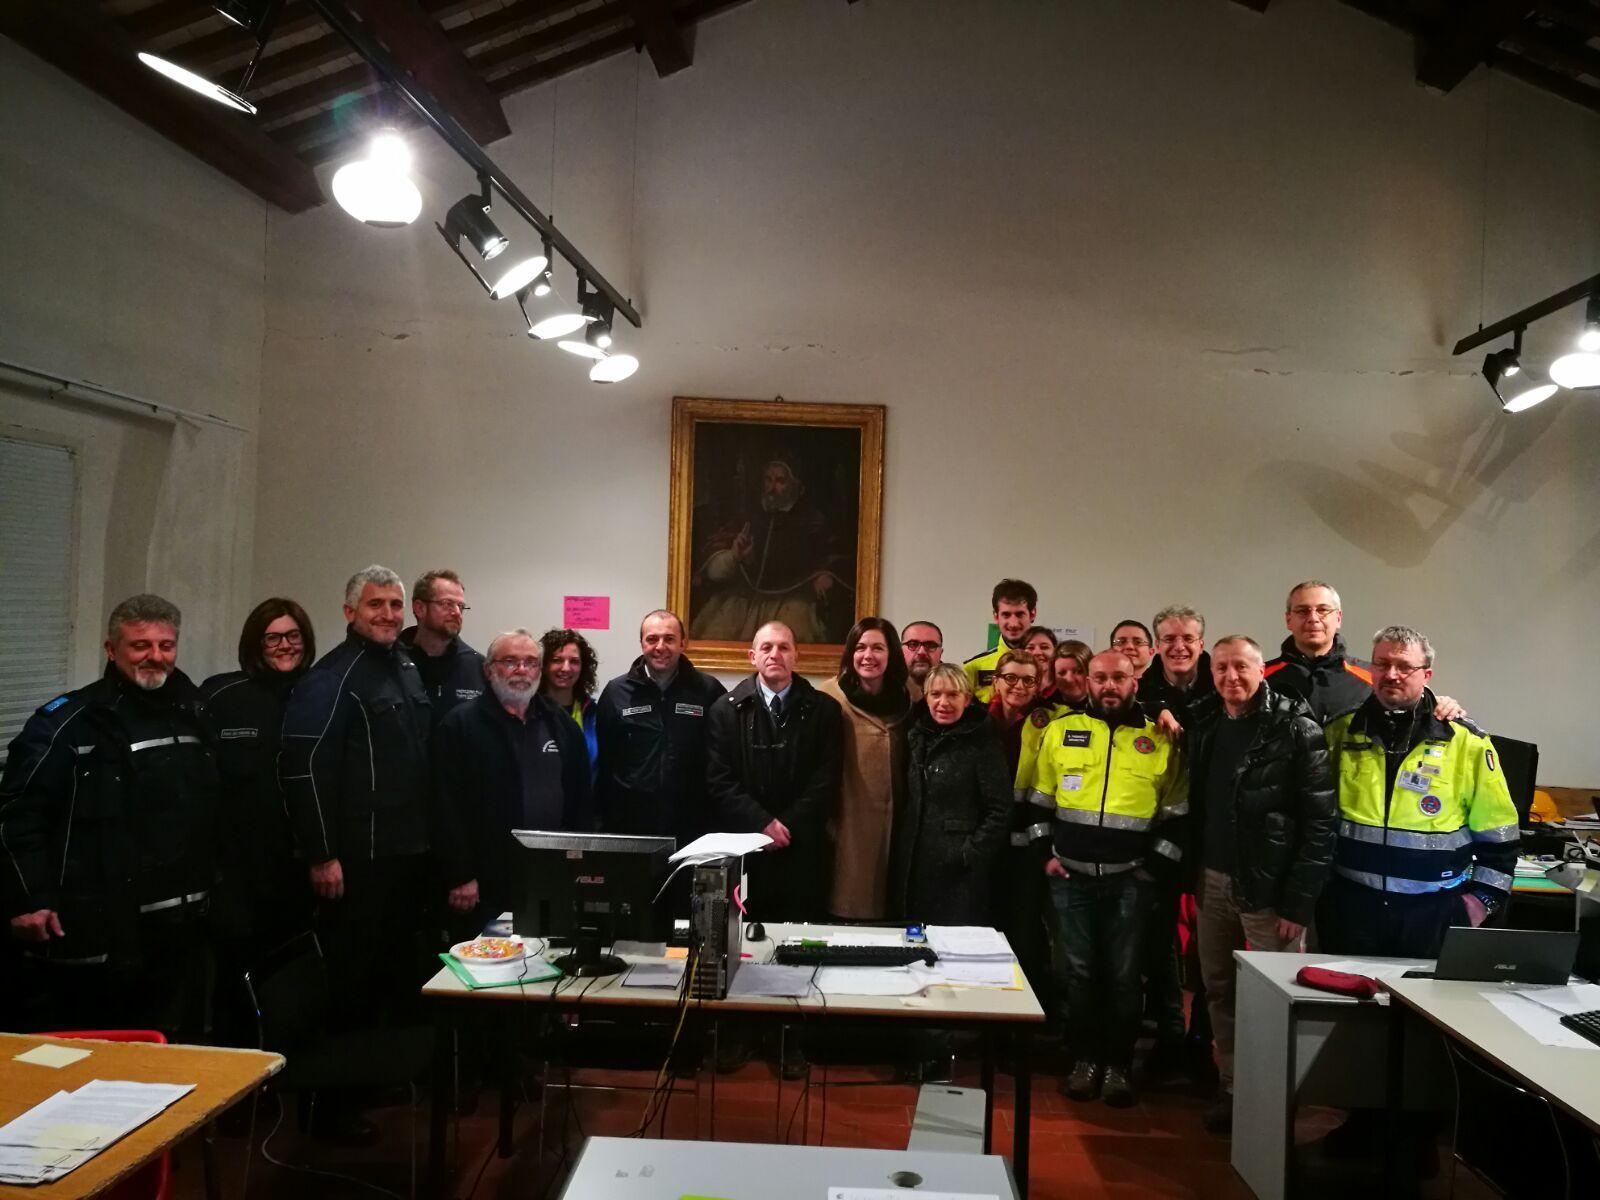 Nuova visita a San Severino Marche dei vertici della Regione Emilia Romagna